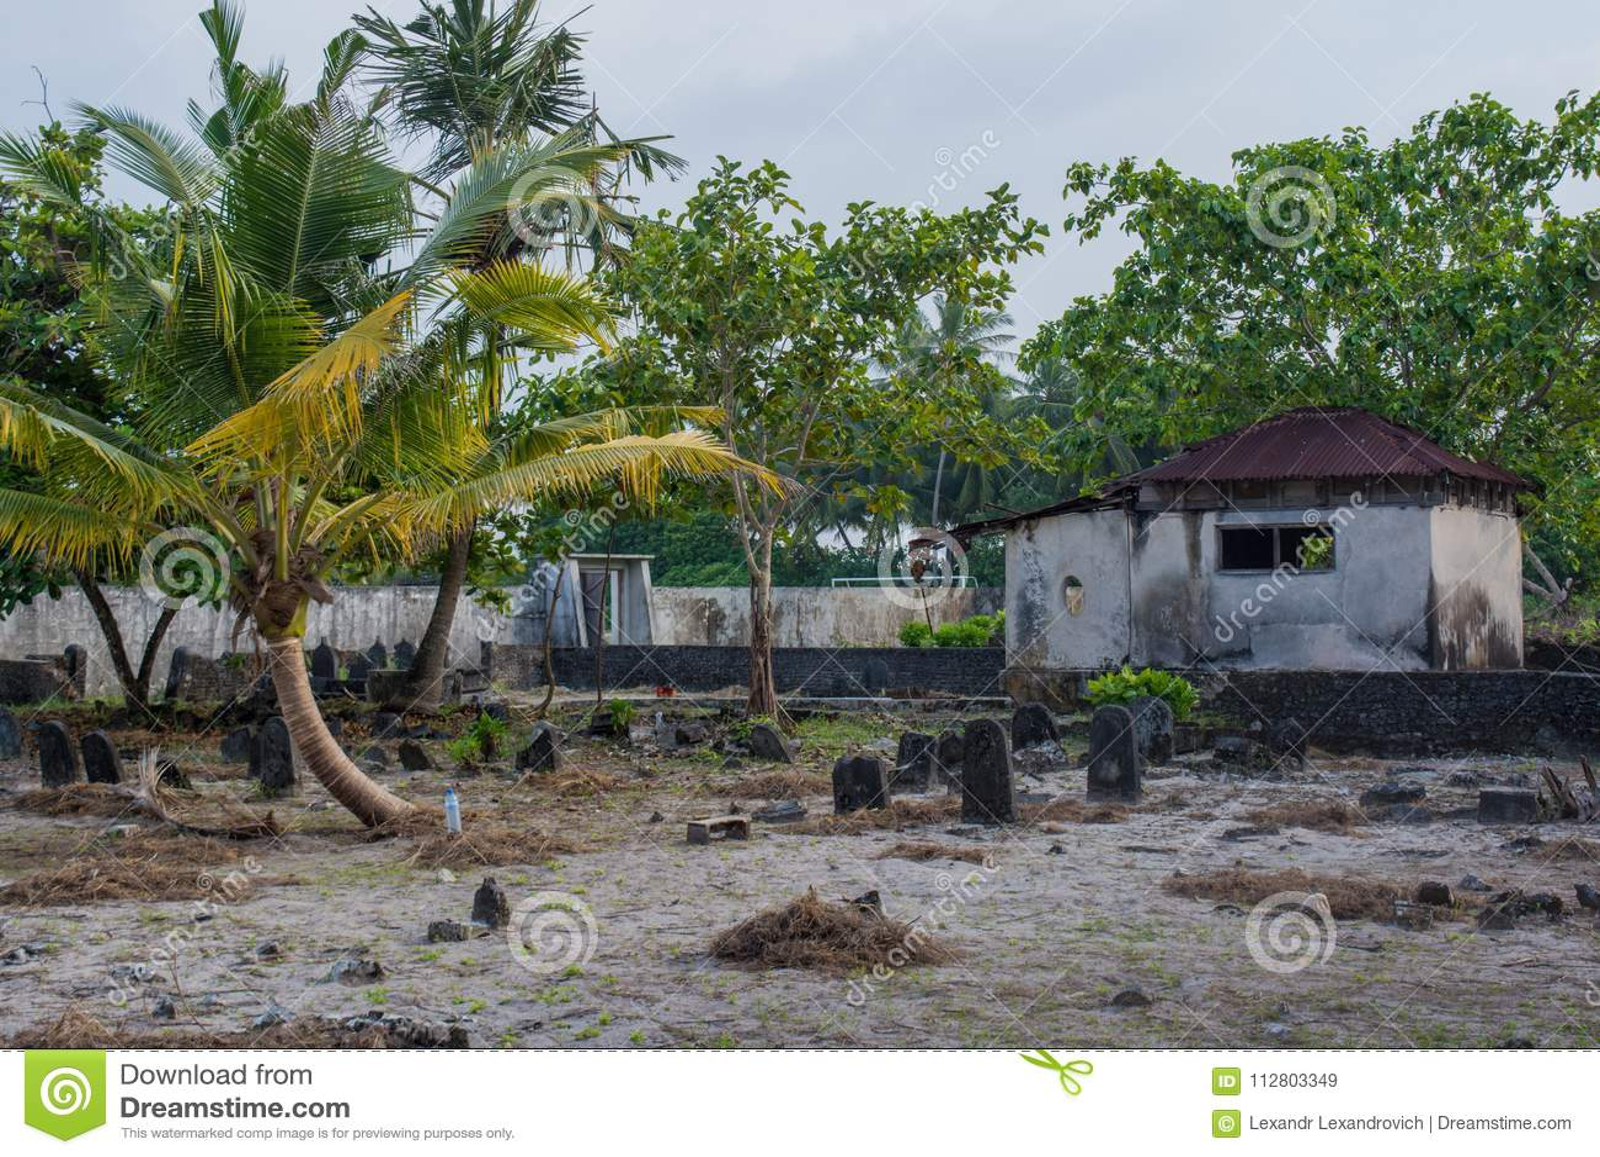 Viejo cementerio espeluznante con la cripta y sepulcros en la isla local tropical Fenfushi